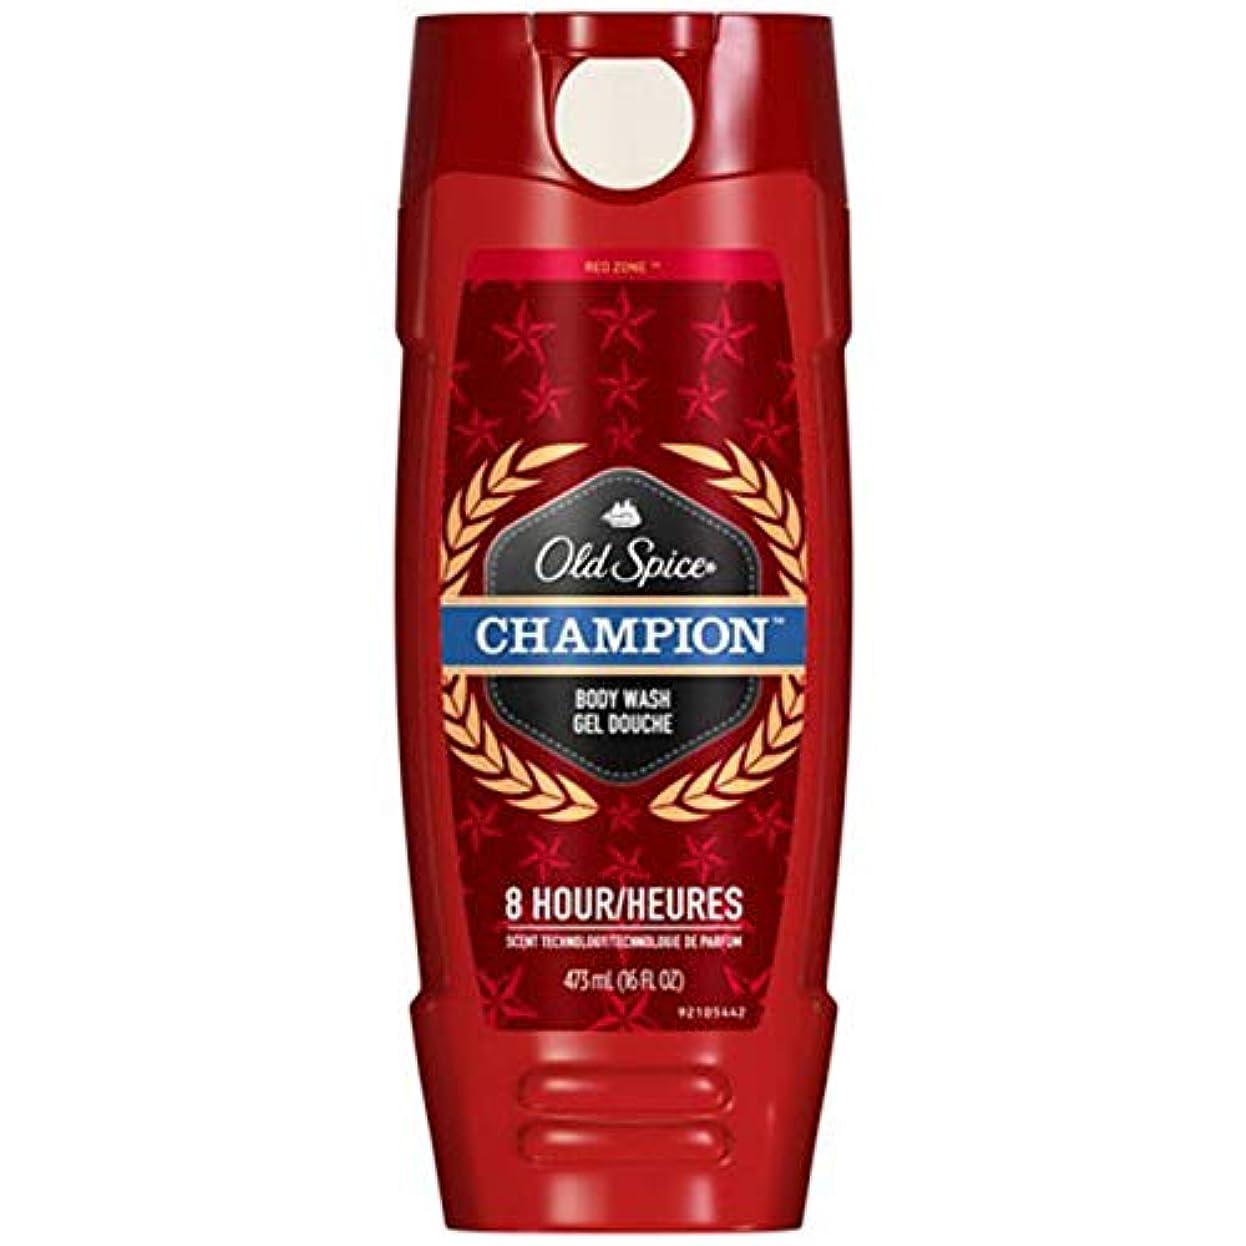 にもかかわらず領域バイソンOld Spice オールドスパイス ボディーウォッシュジェル Red Zone Body Wash GEL 473ml 並行輸入品 (CHAMPION/チャンピオン) [並行輸入品]